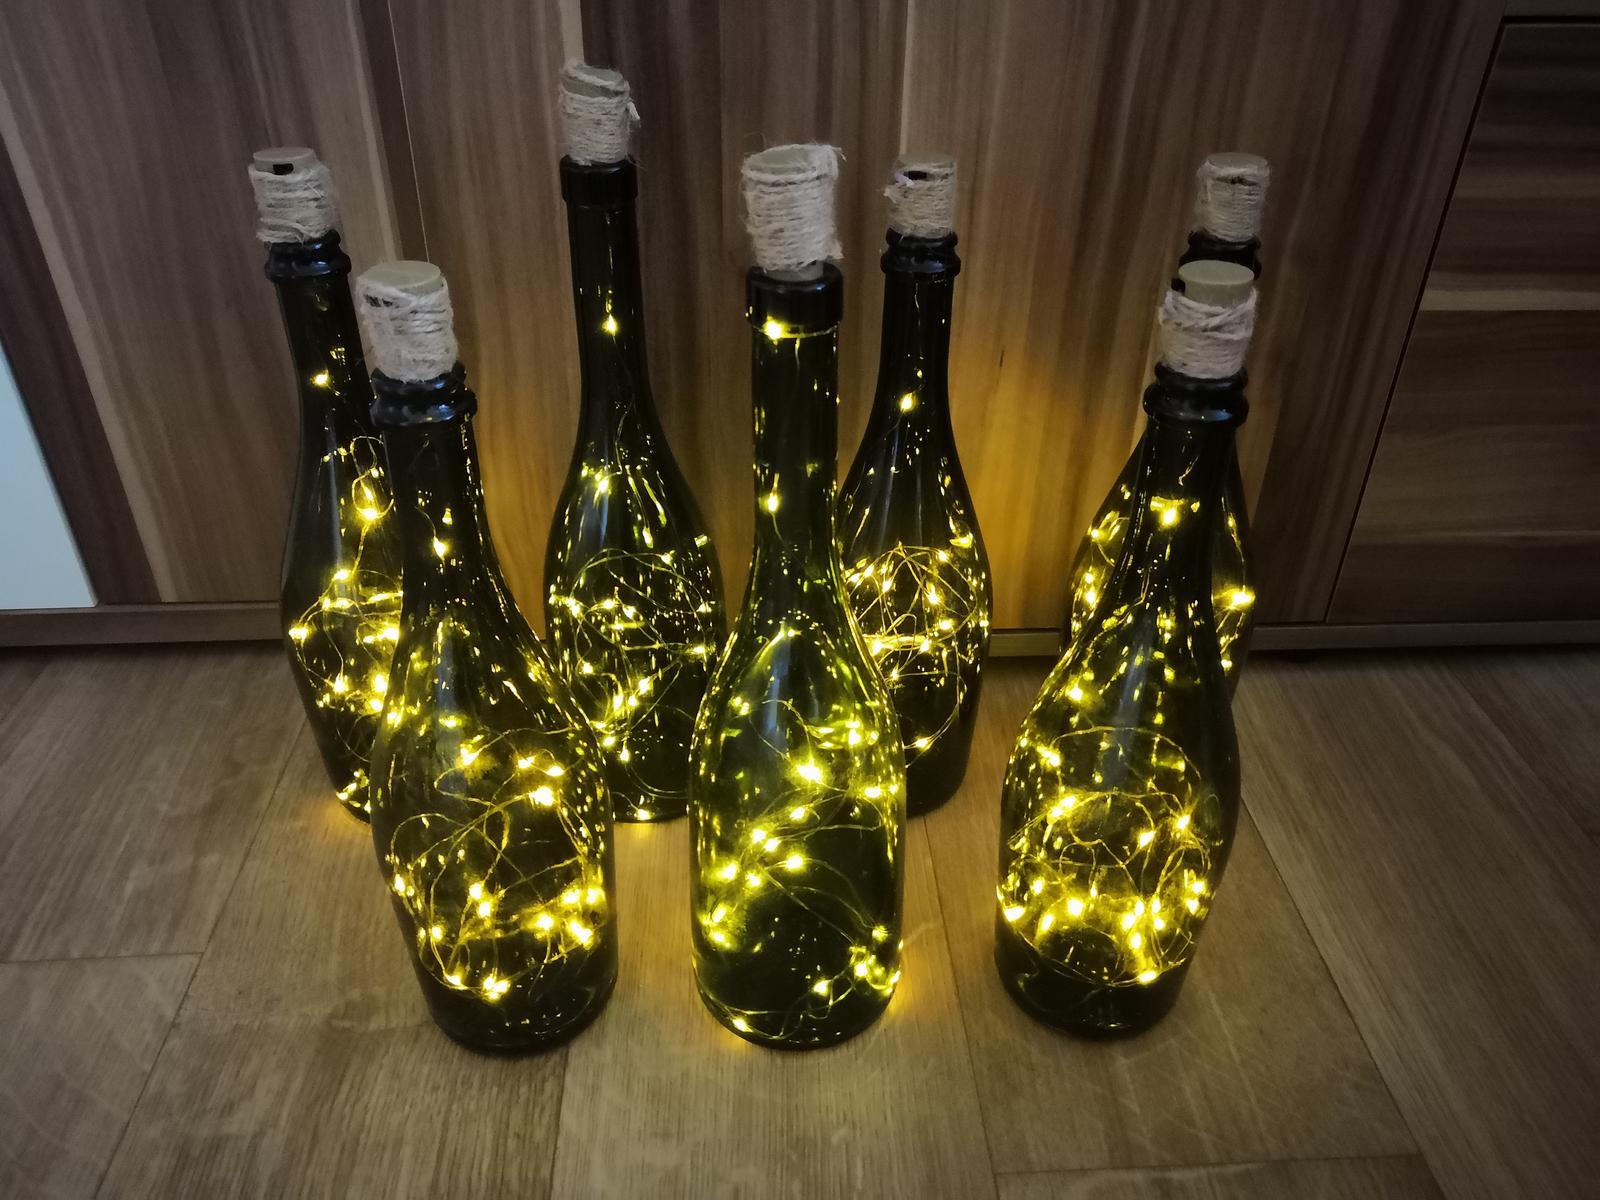 Láhve od vína se světelnými řetězy uvnitř - Obrázek č. 1